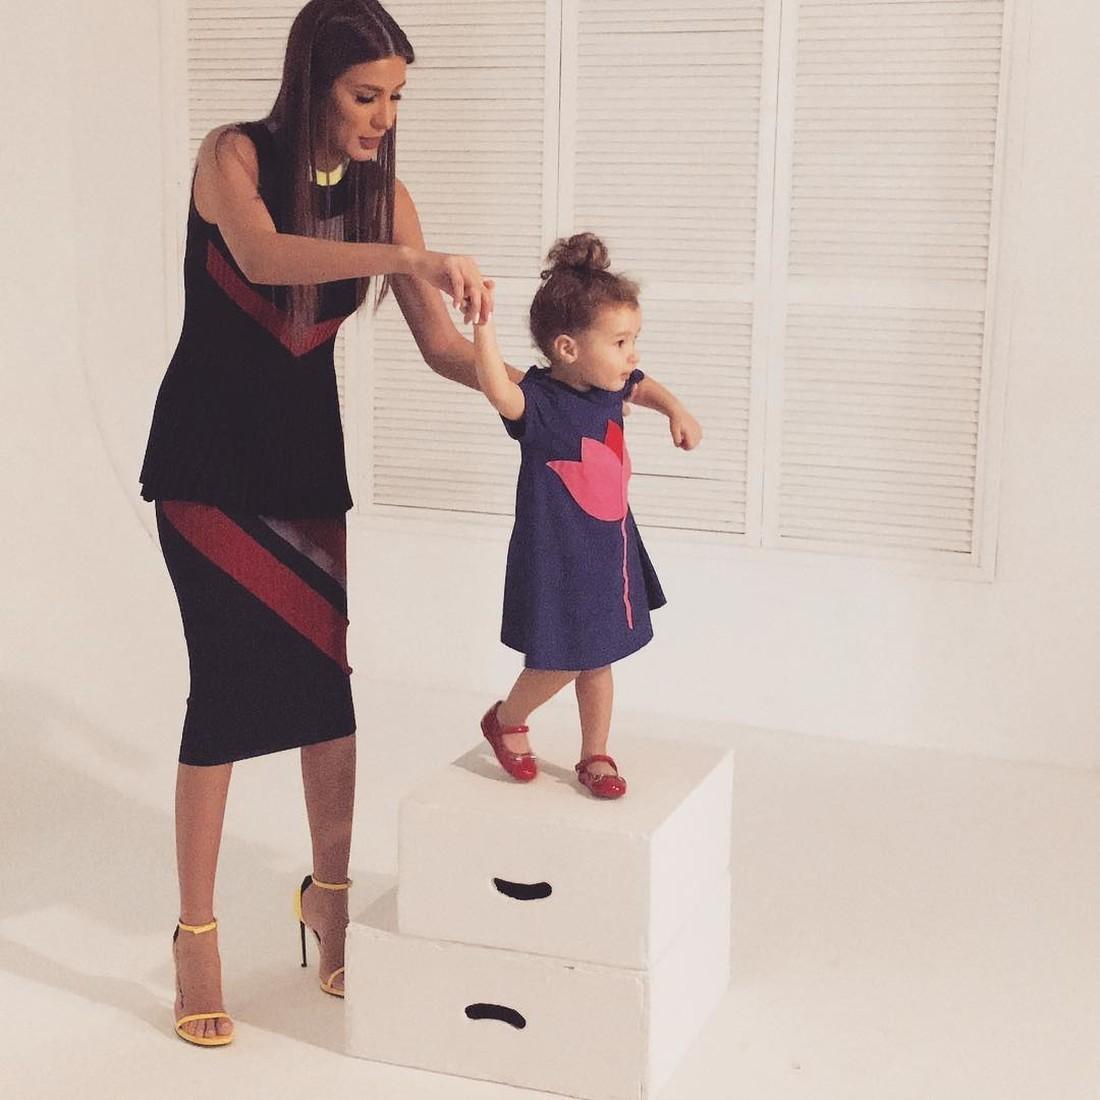 Кети топурия и ее ребенок фото